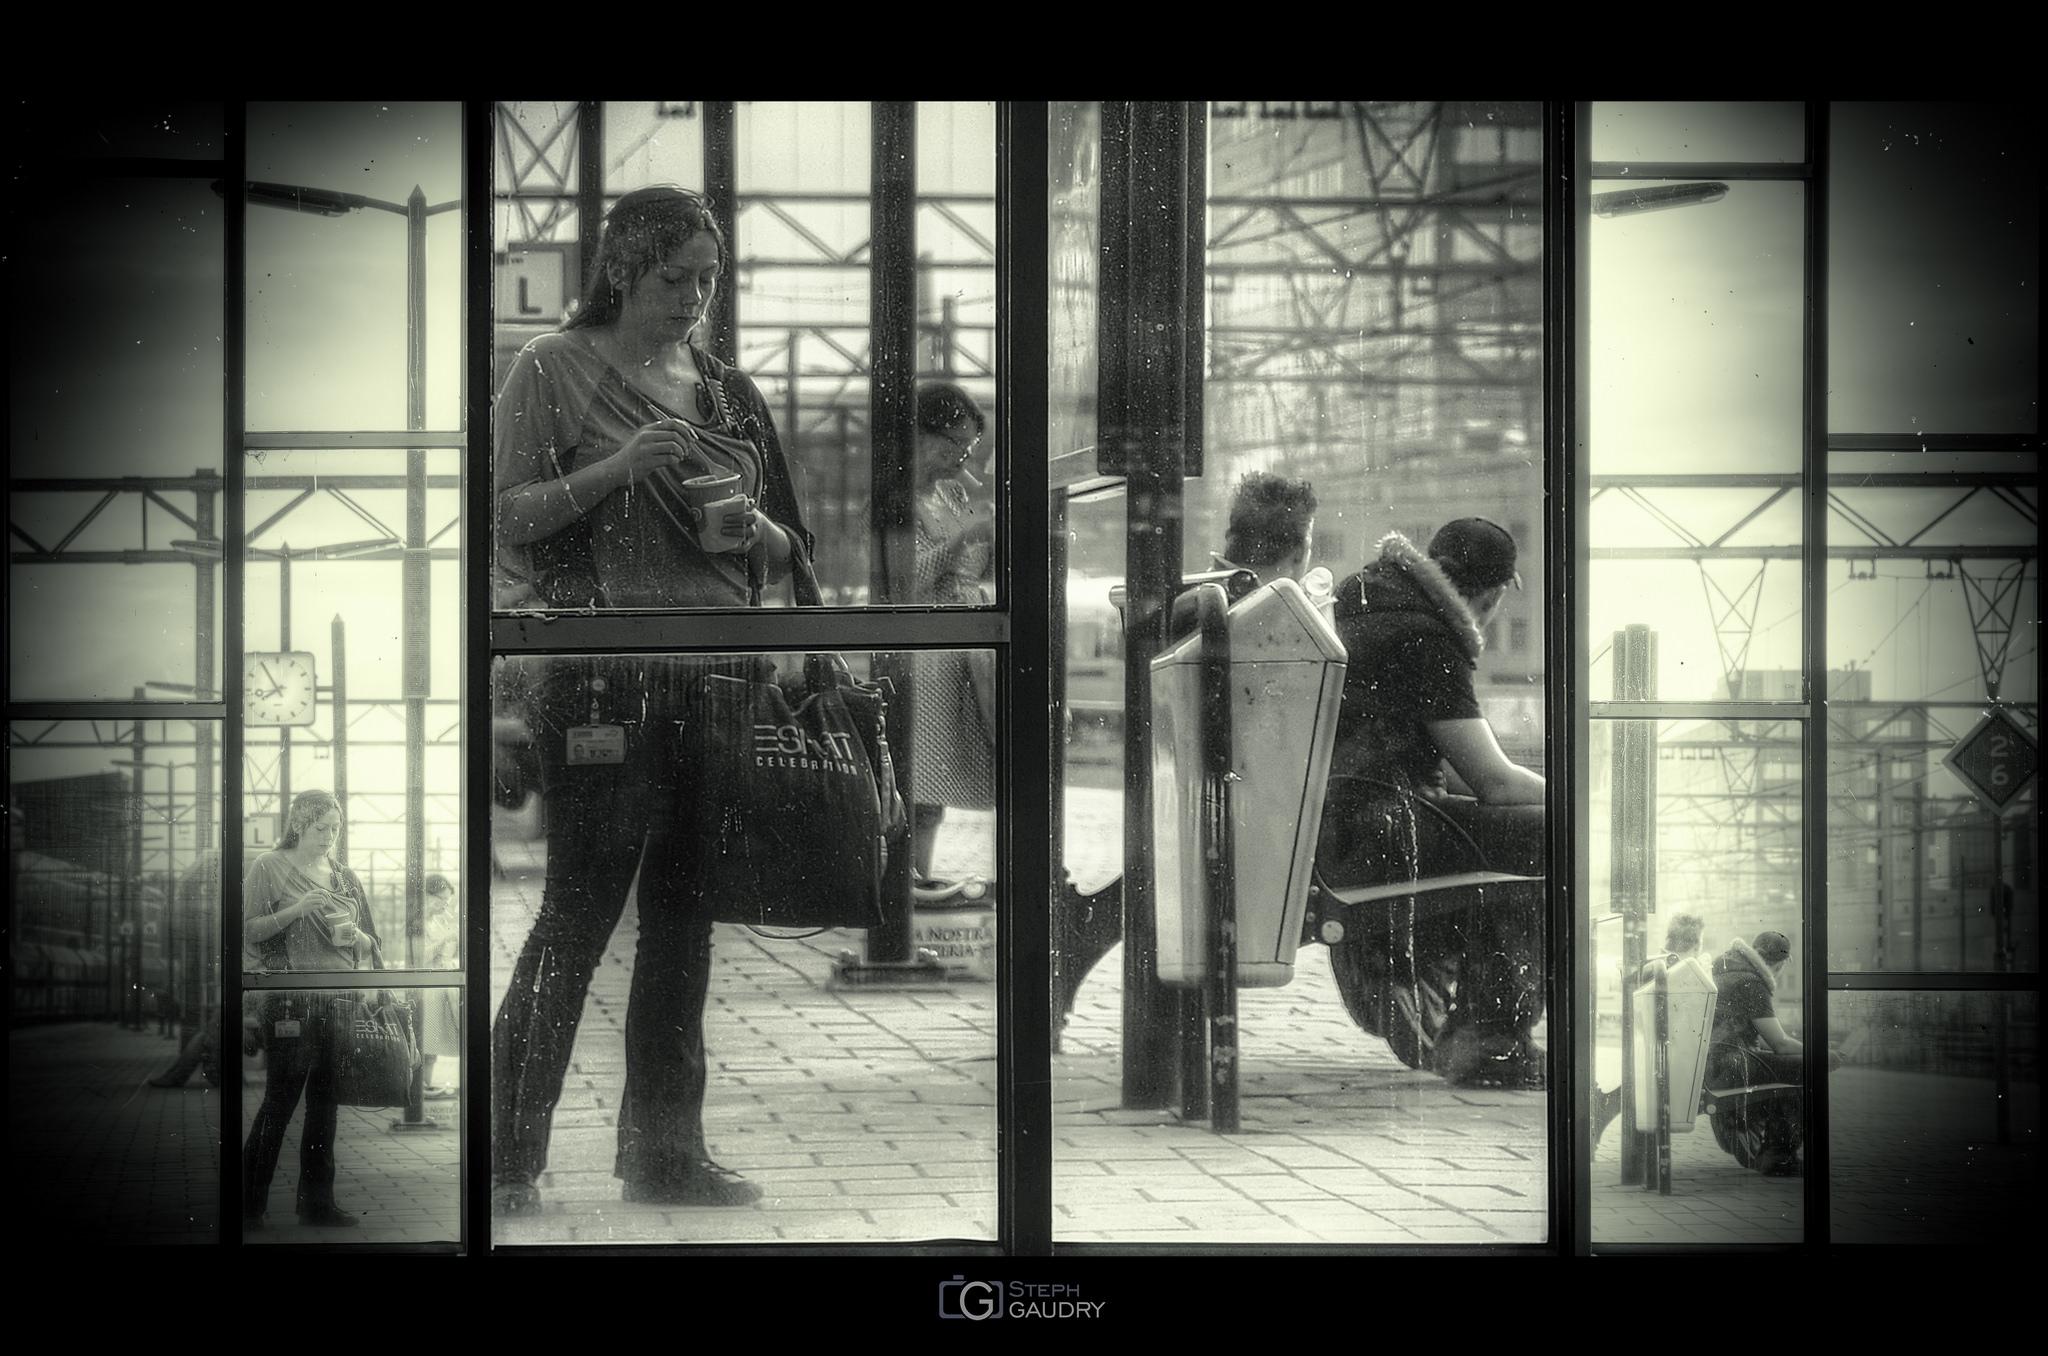 The window [Cliquez pour lancer le diaporama]